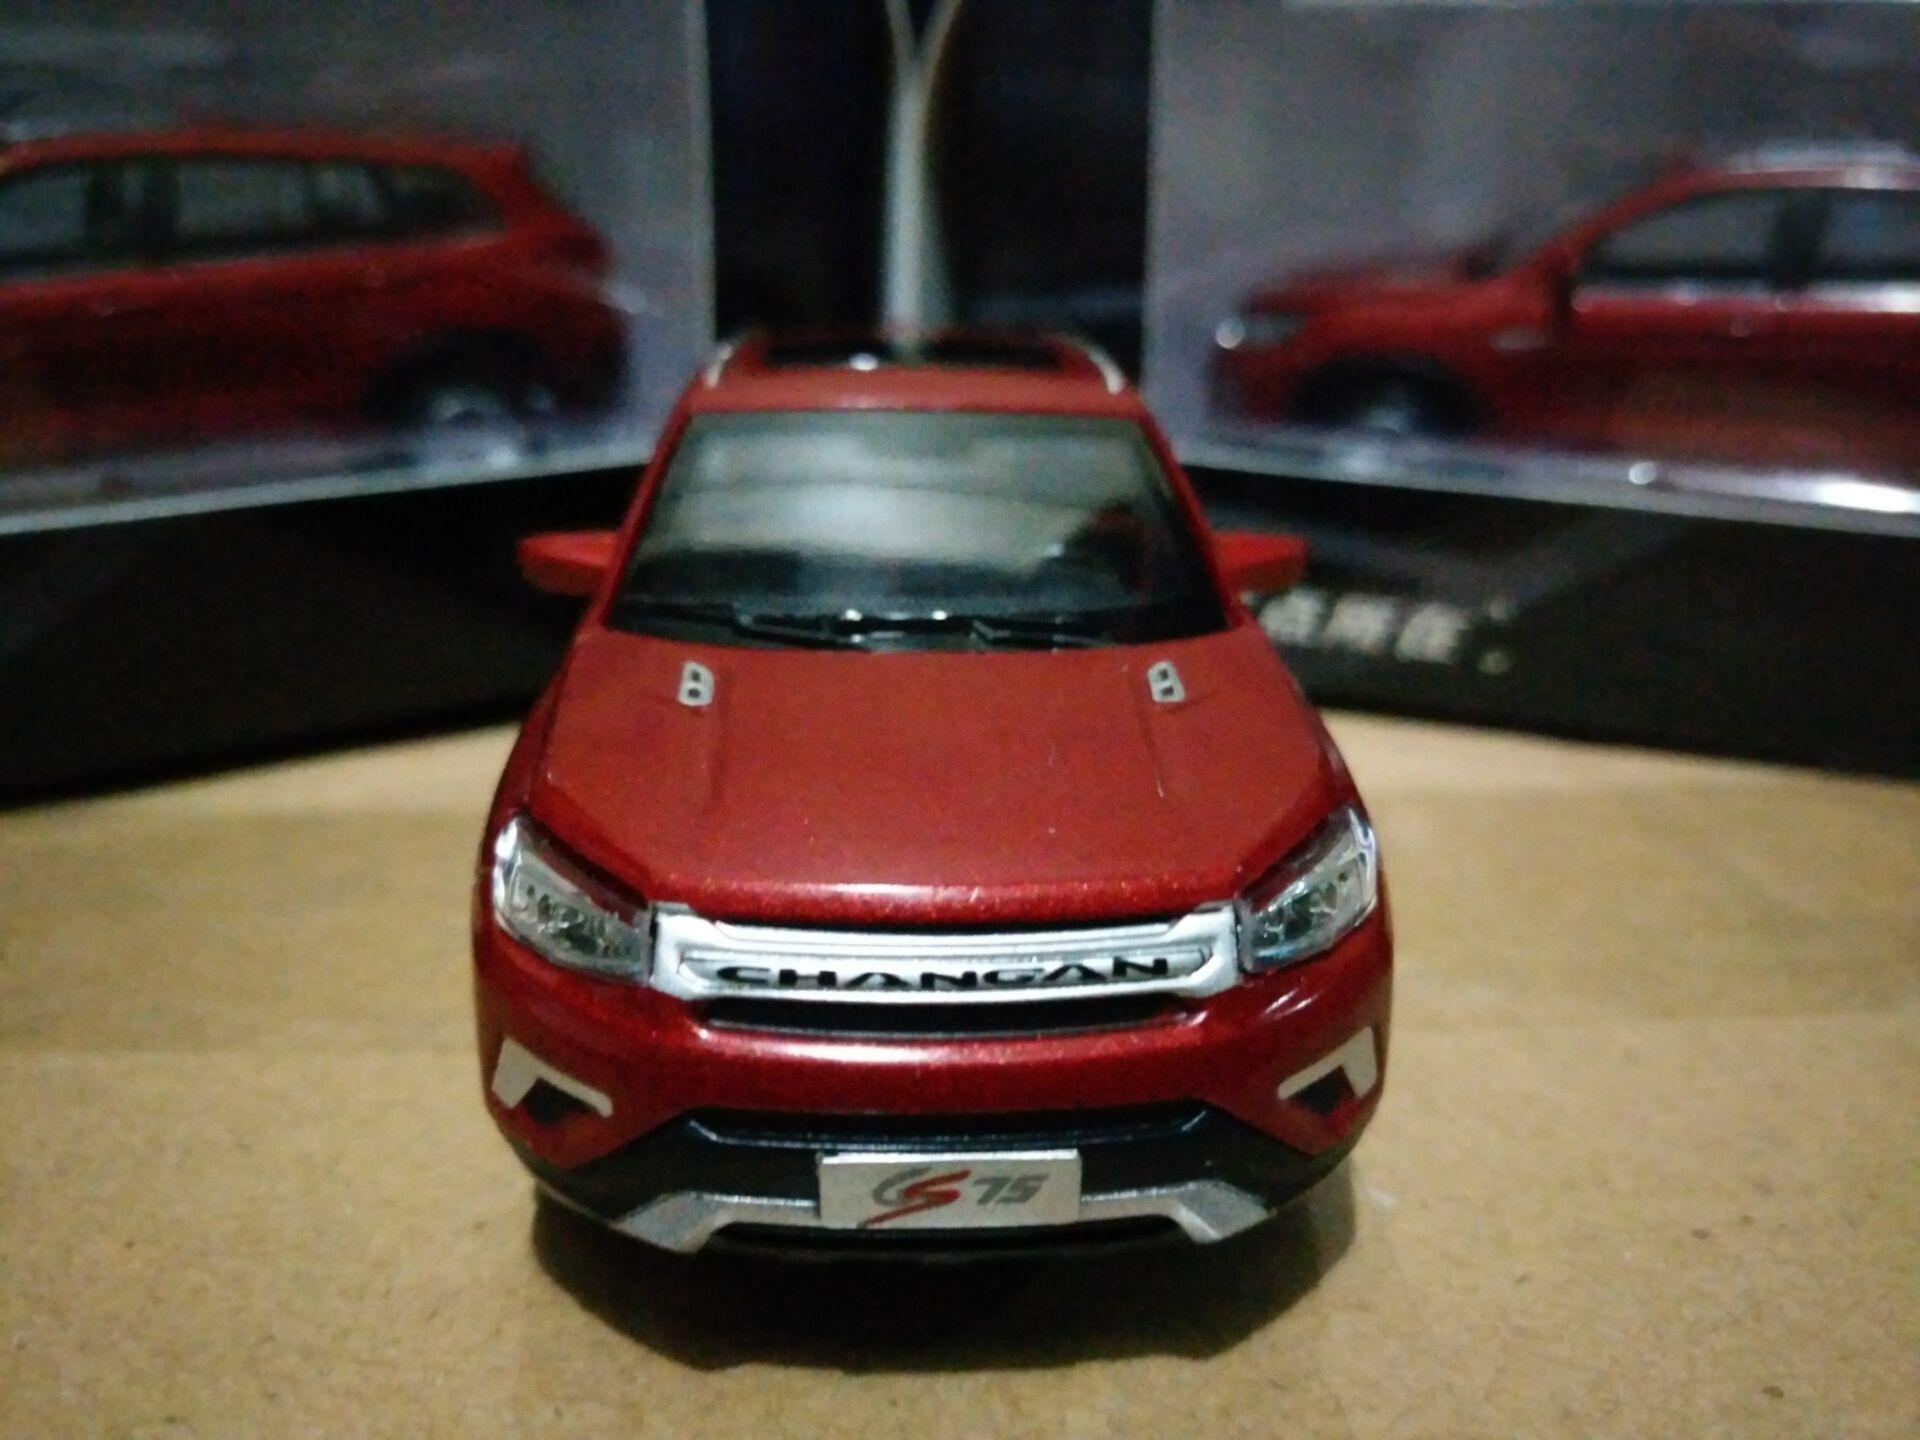 Чанган CS75 автомобиль модель /CS75 пластик небольшой модель / длина, ширина, высота 10.8.5 см / декоративный бутик